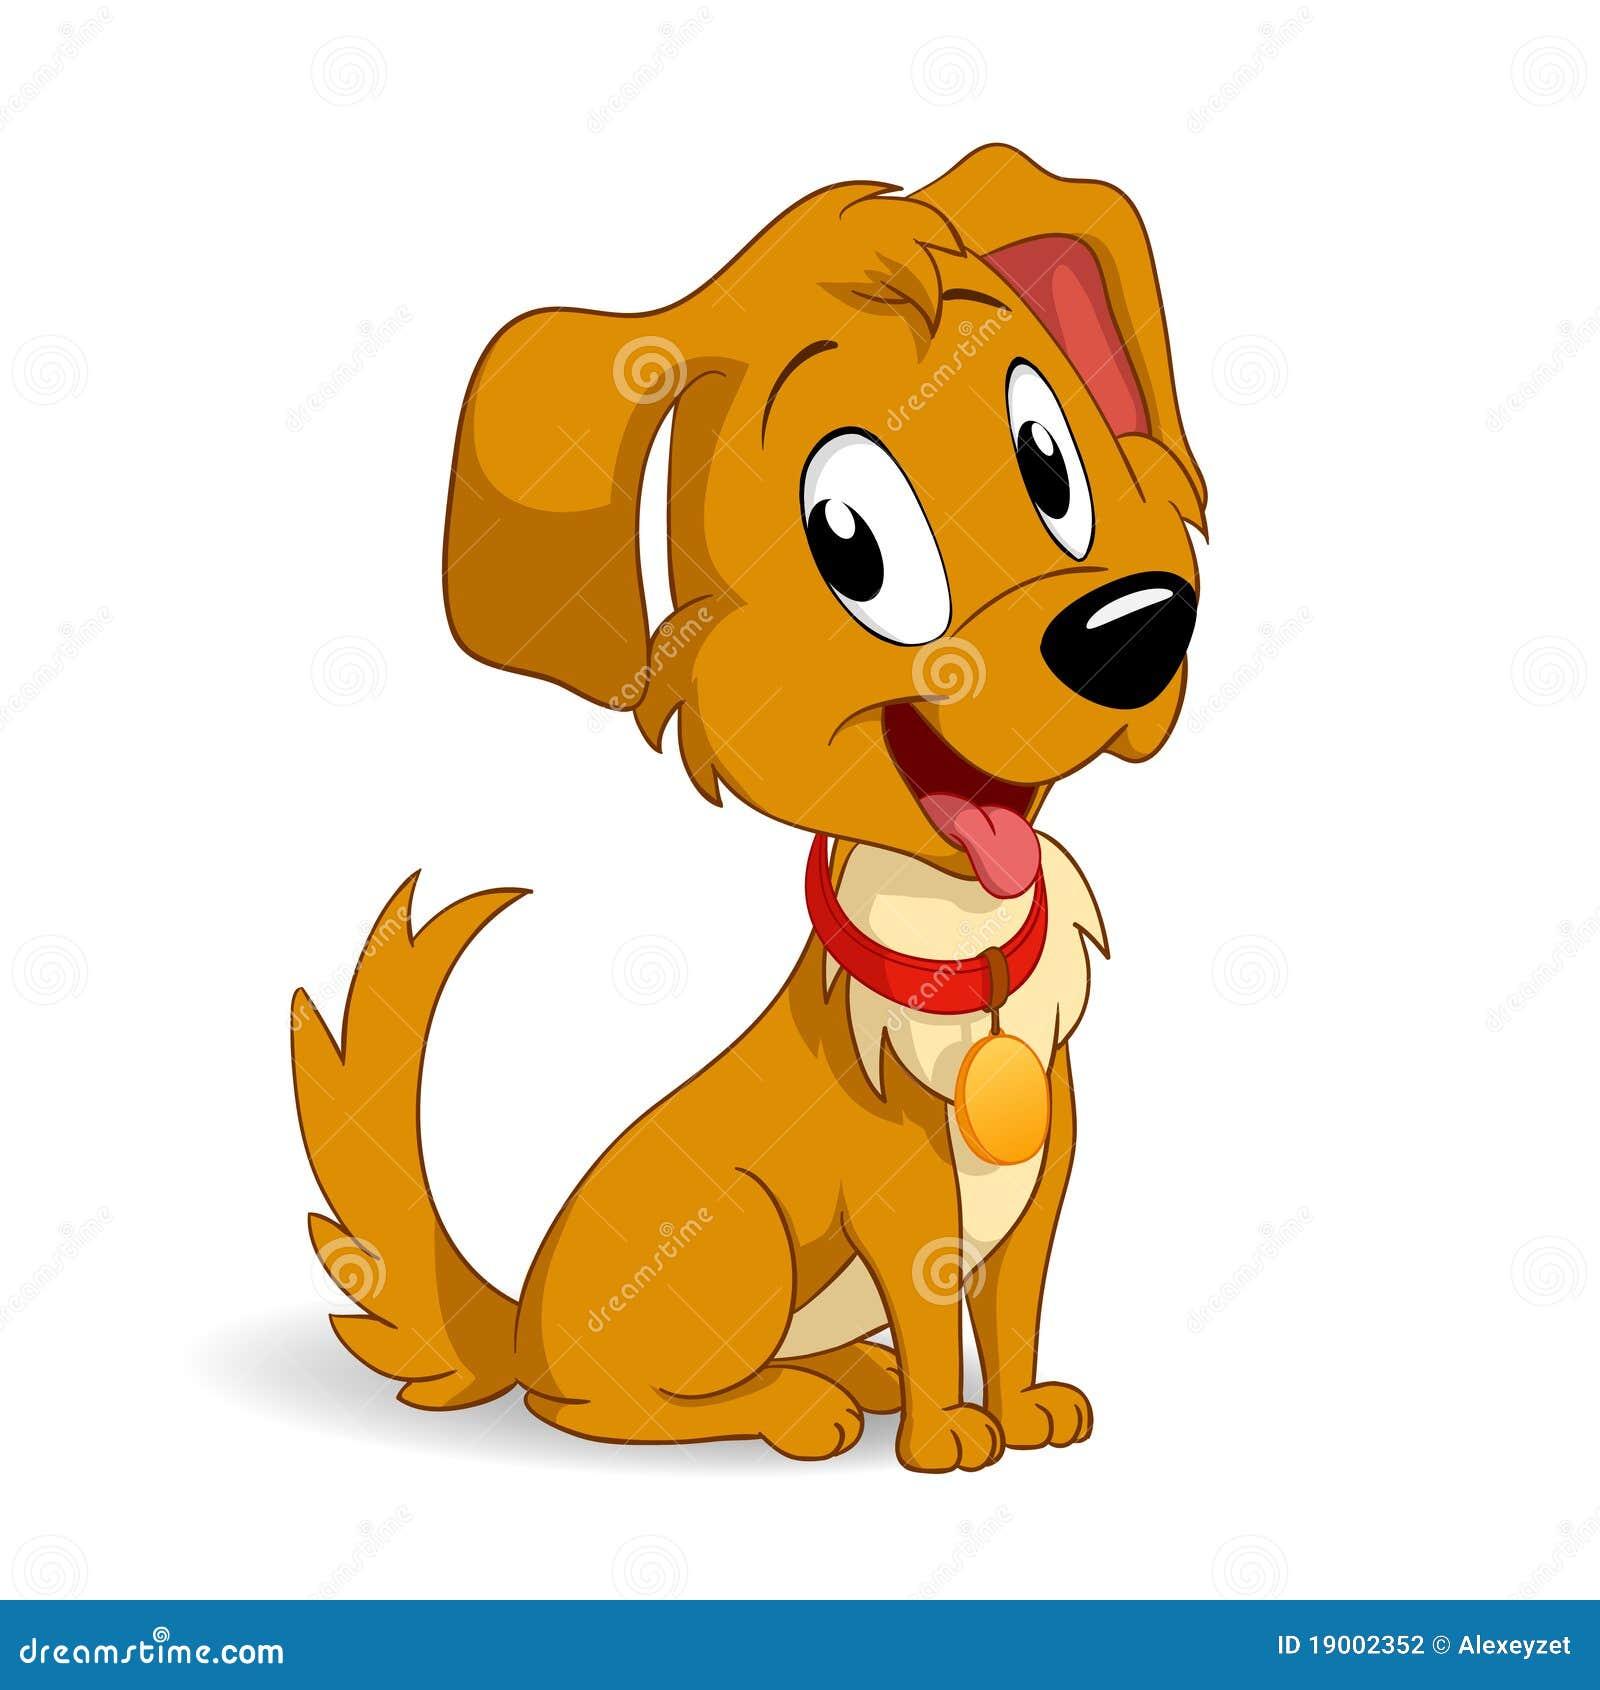 Cao De Filhote De Cachorro Bonito Dos Desenhos Animados Ilustracao